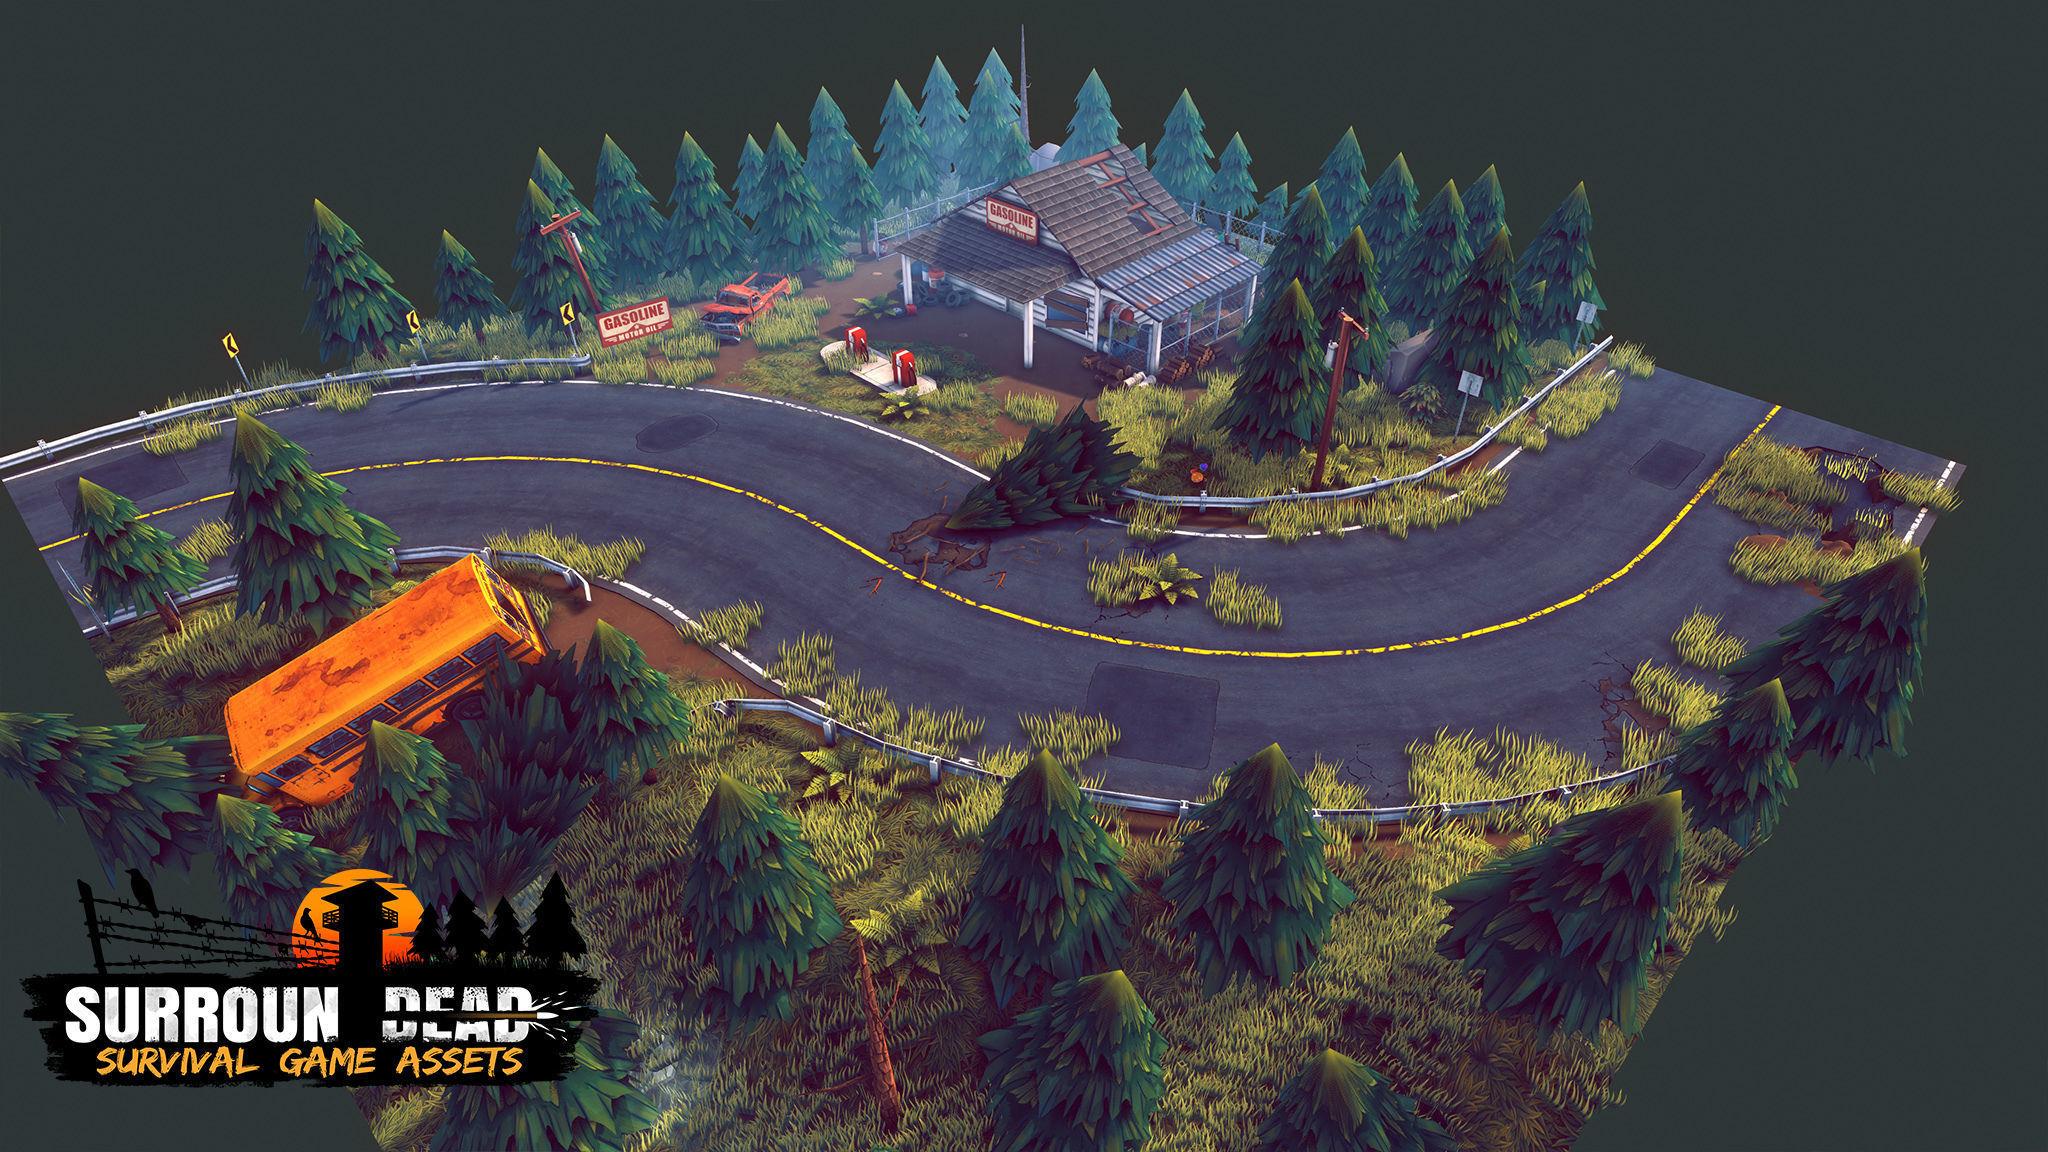 SurrounDead - Survival Game Assets